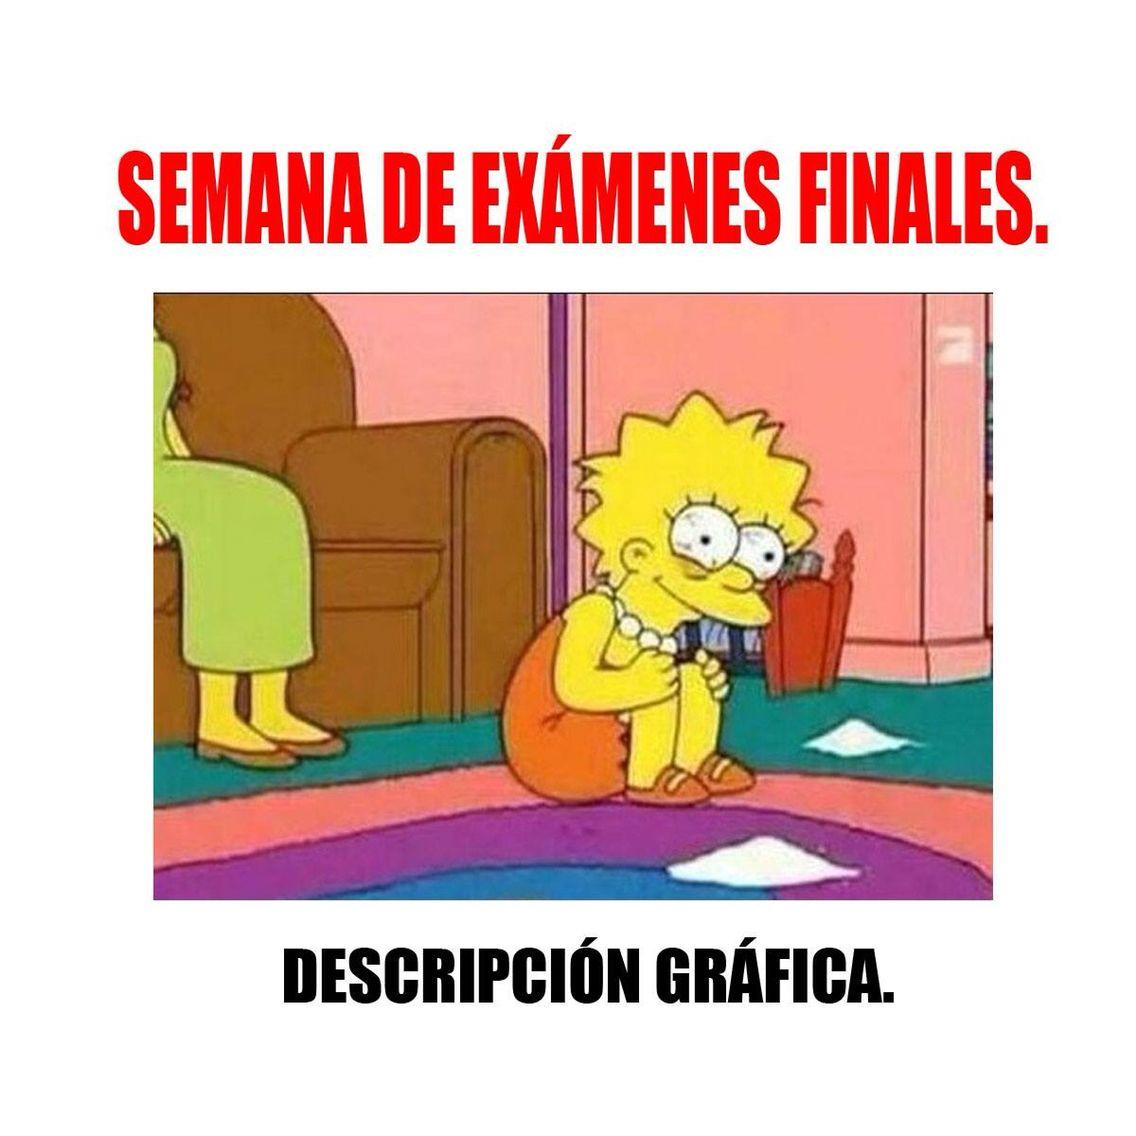 Examenes Finales Memes De Examenes Finales Memes De Examen Examenes Finales